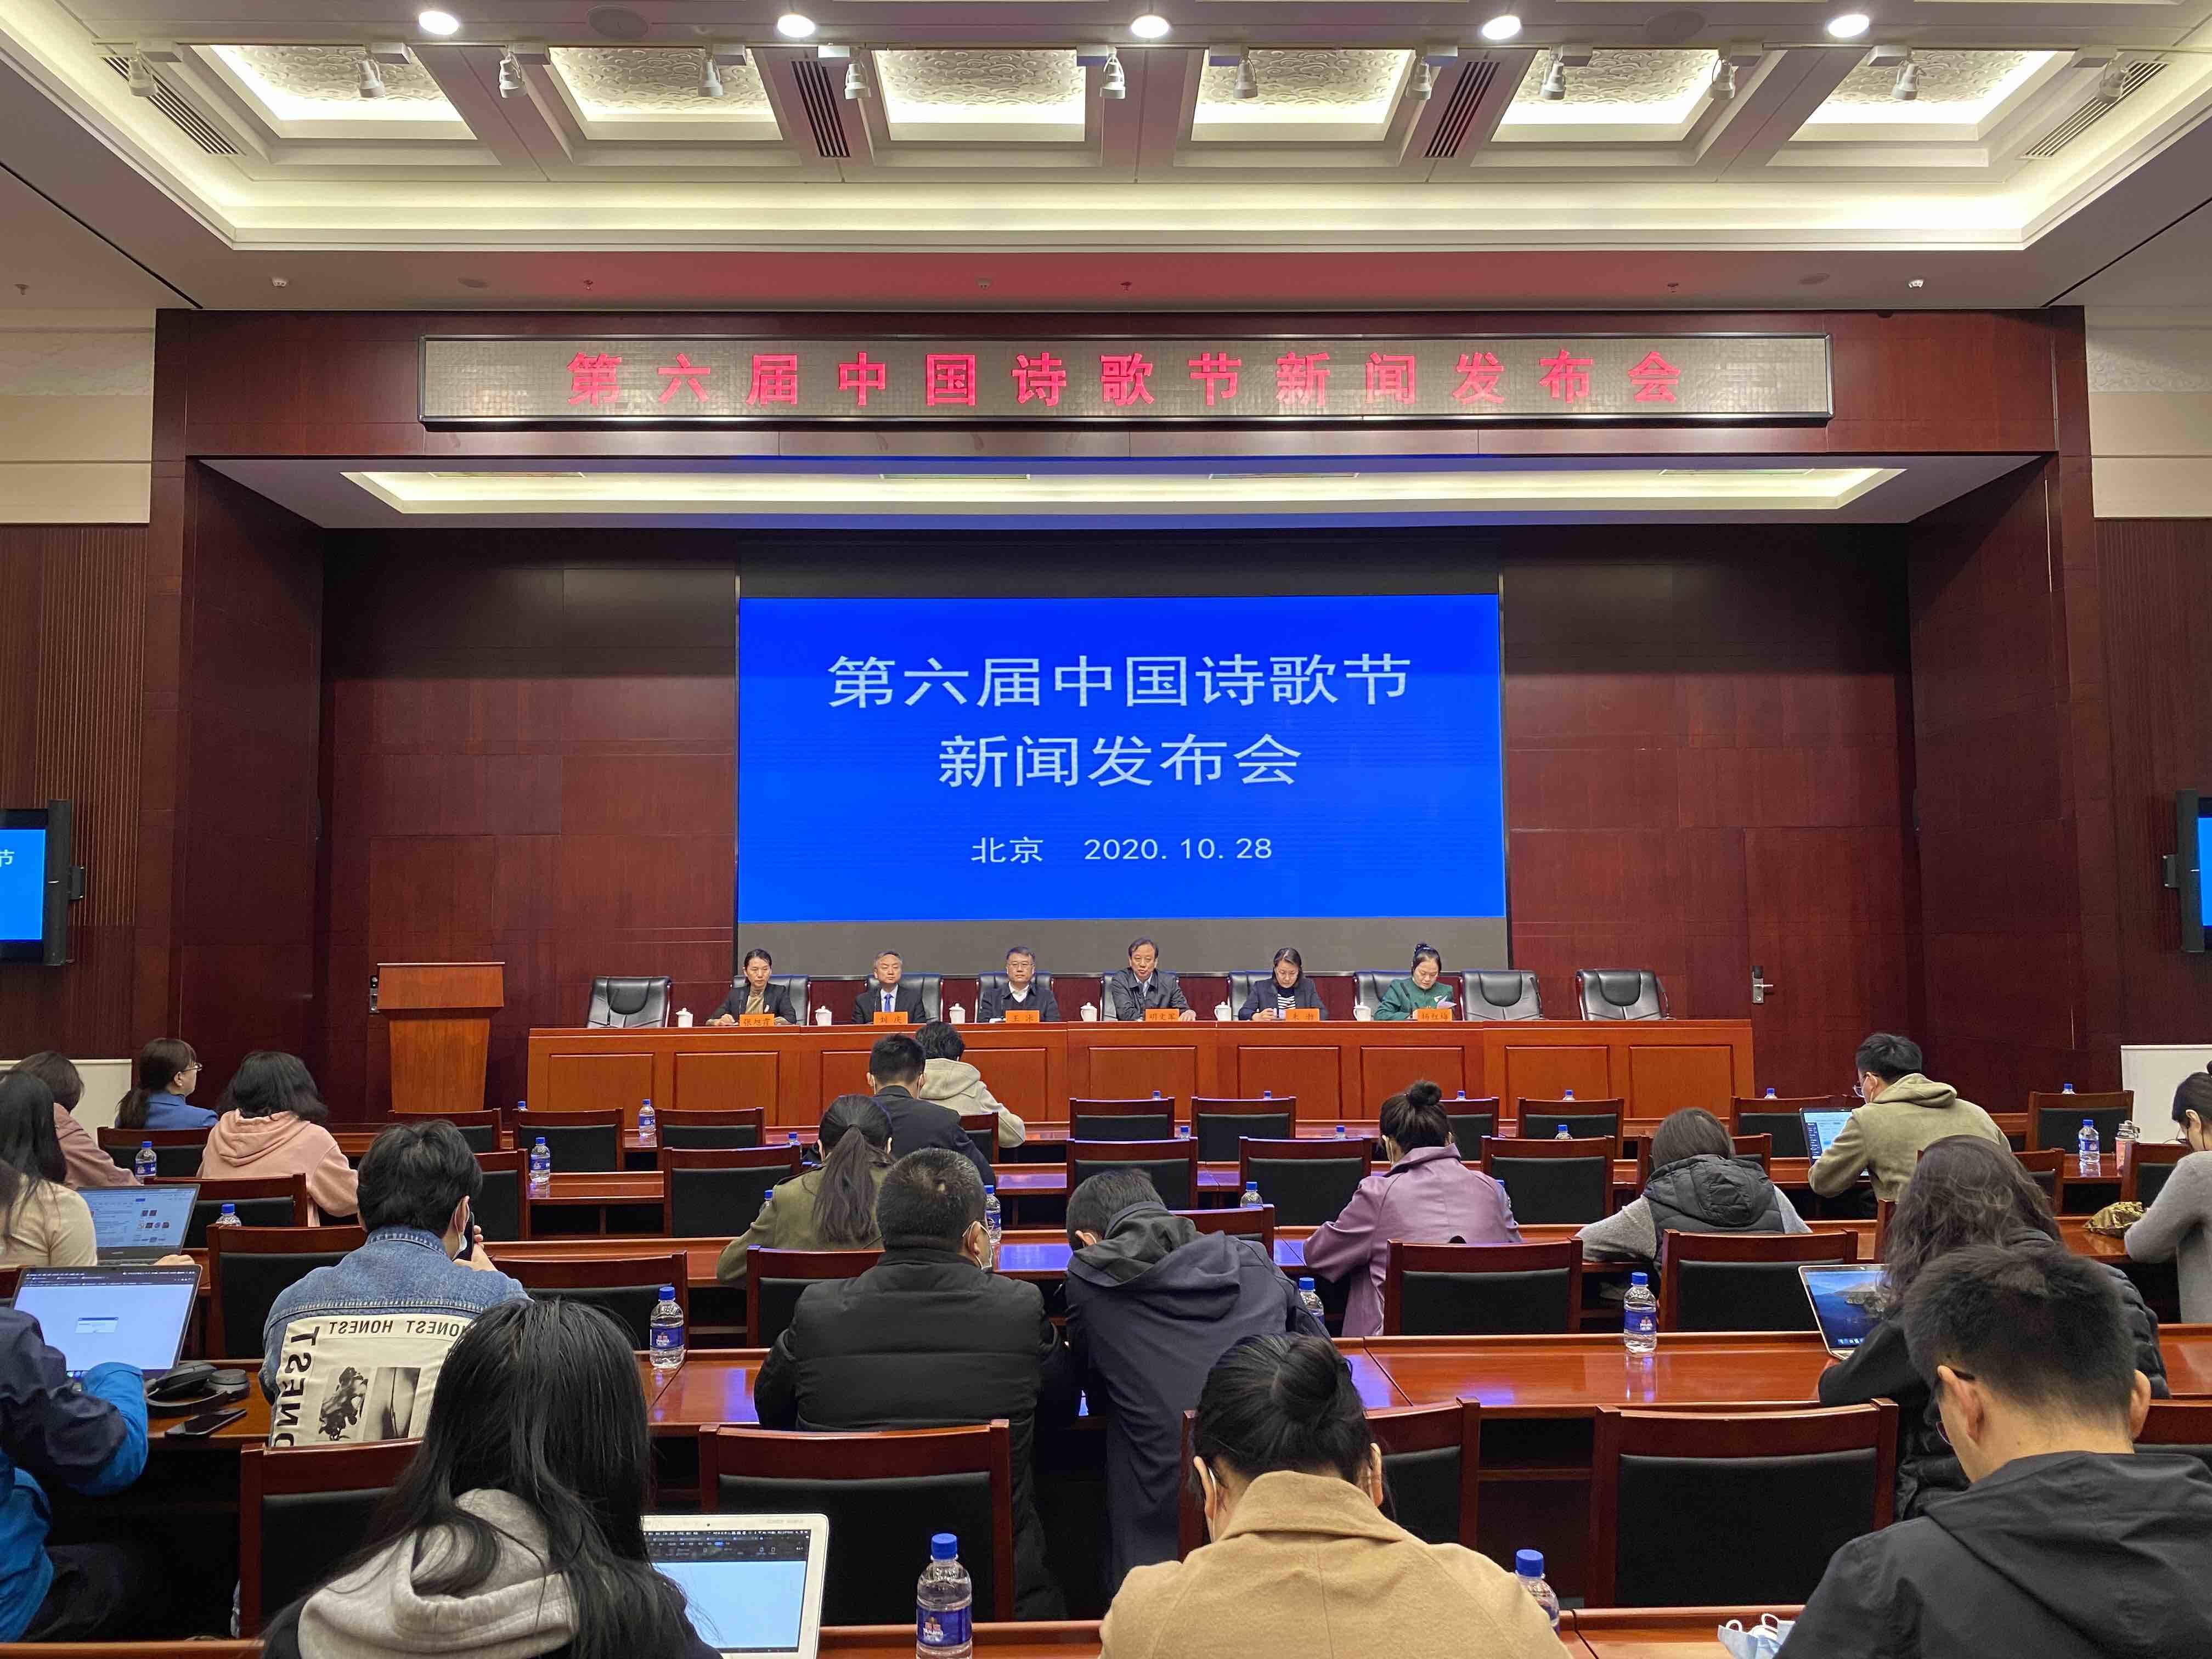 第六届中国诗歌节将于11月在成都重庆两地举办